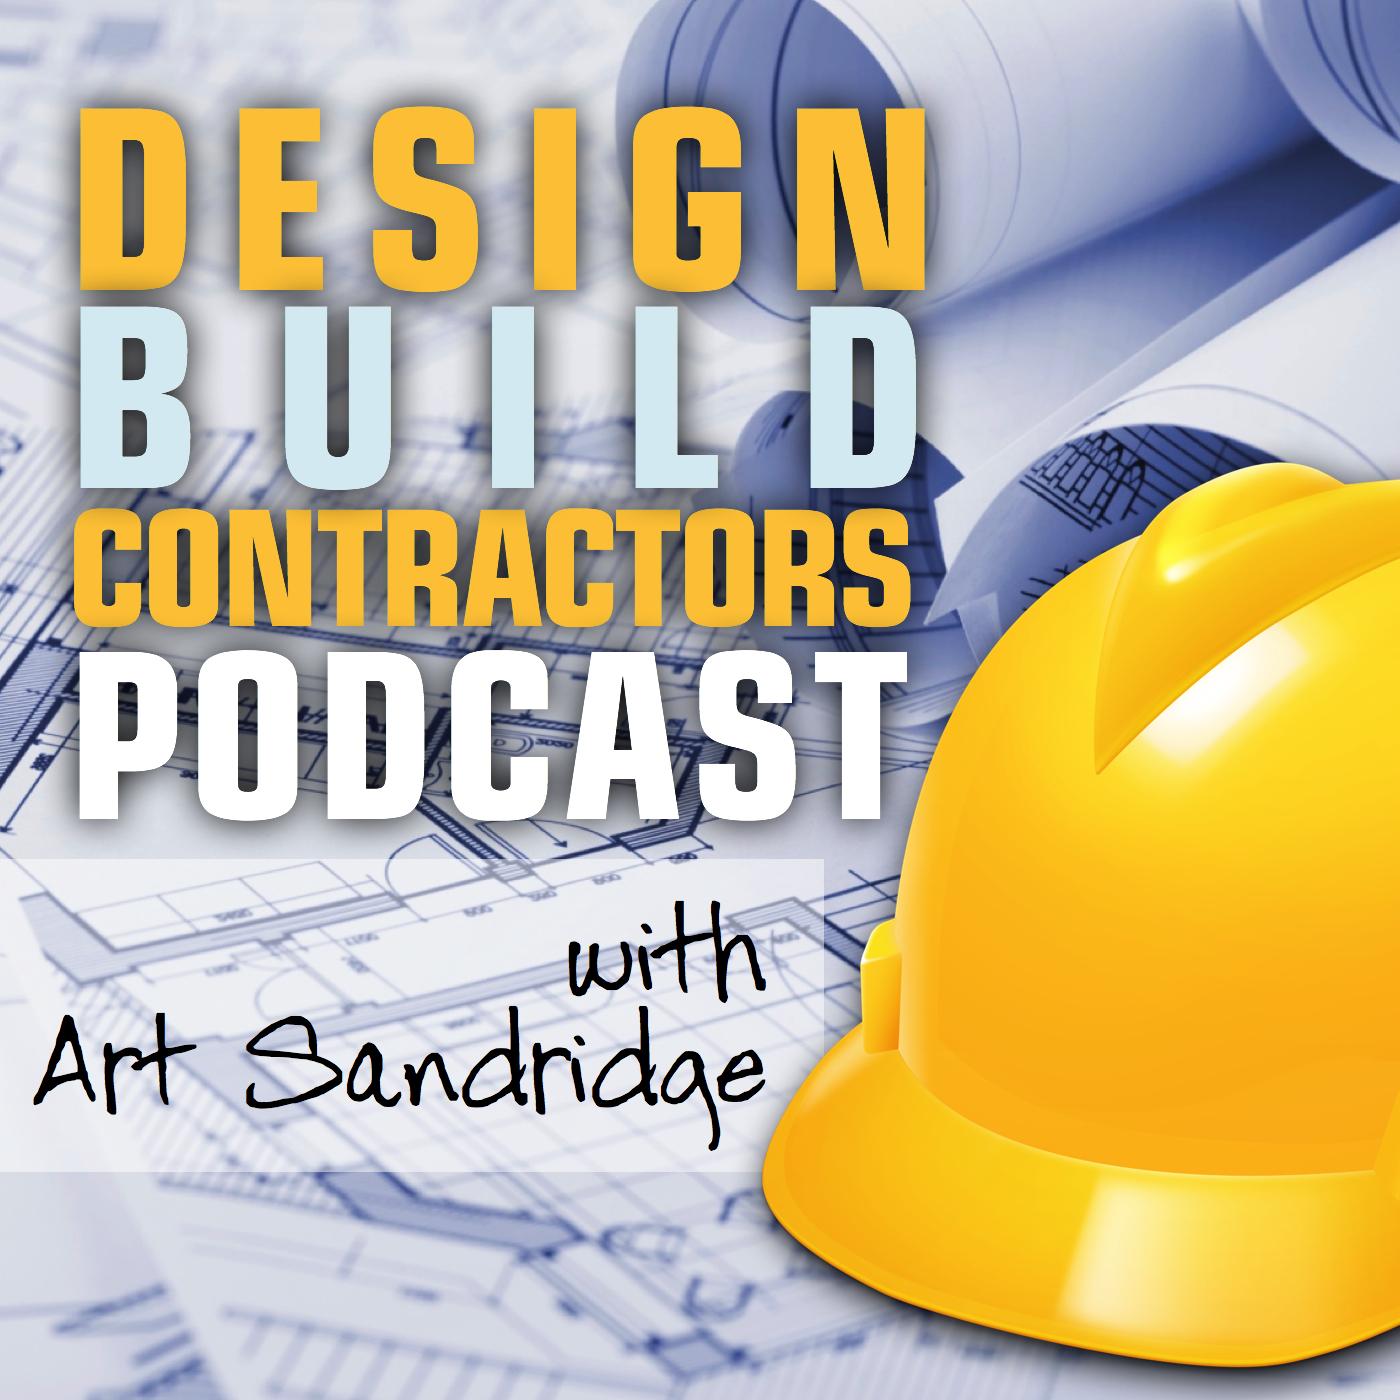 <![CDATA[Design Build Contractors Podcast]]>